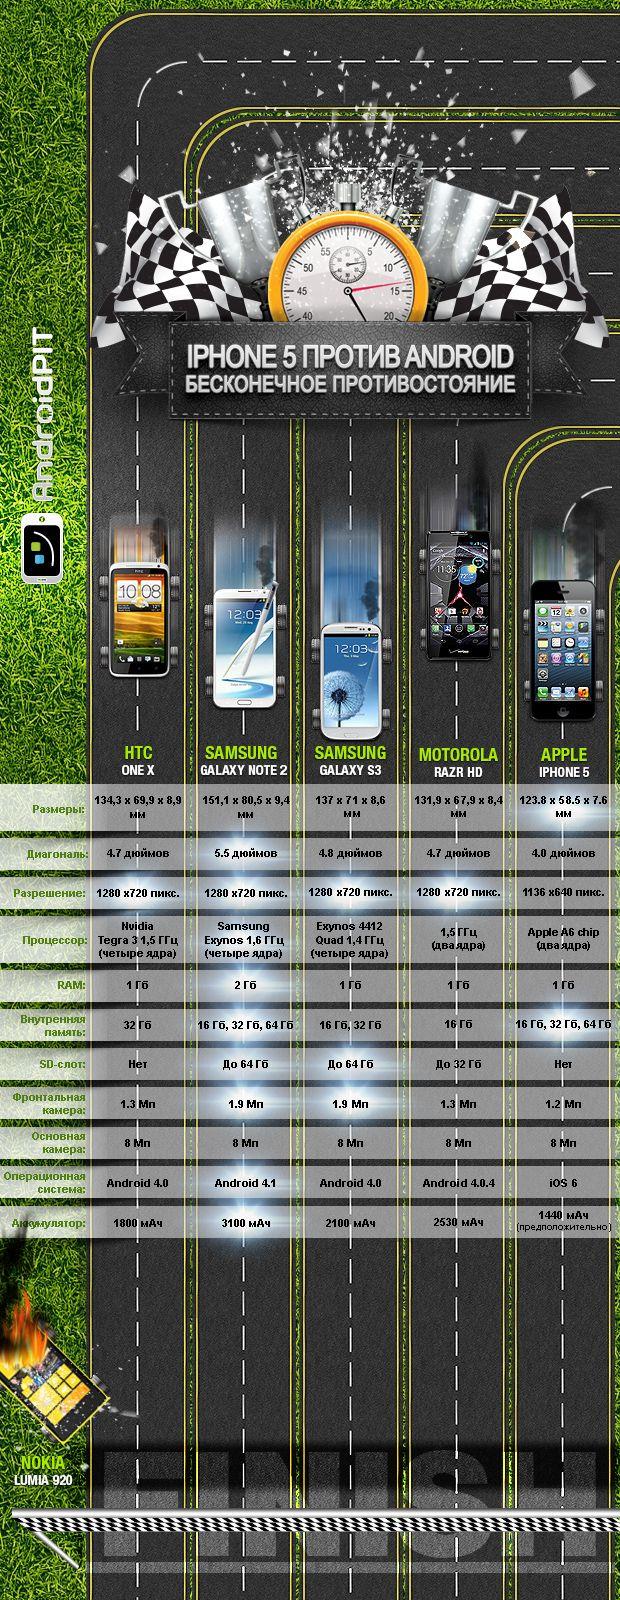 Инфографика: iPhone 5 против Android